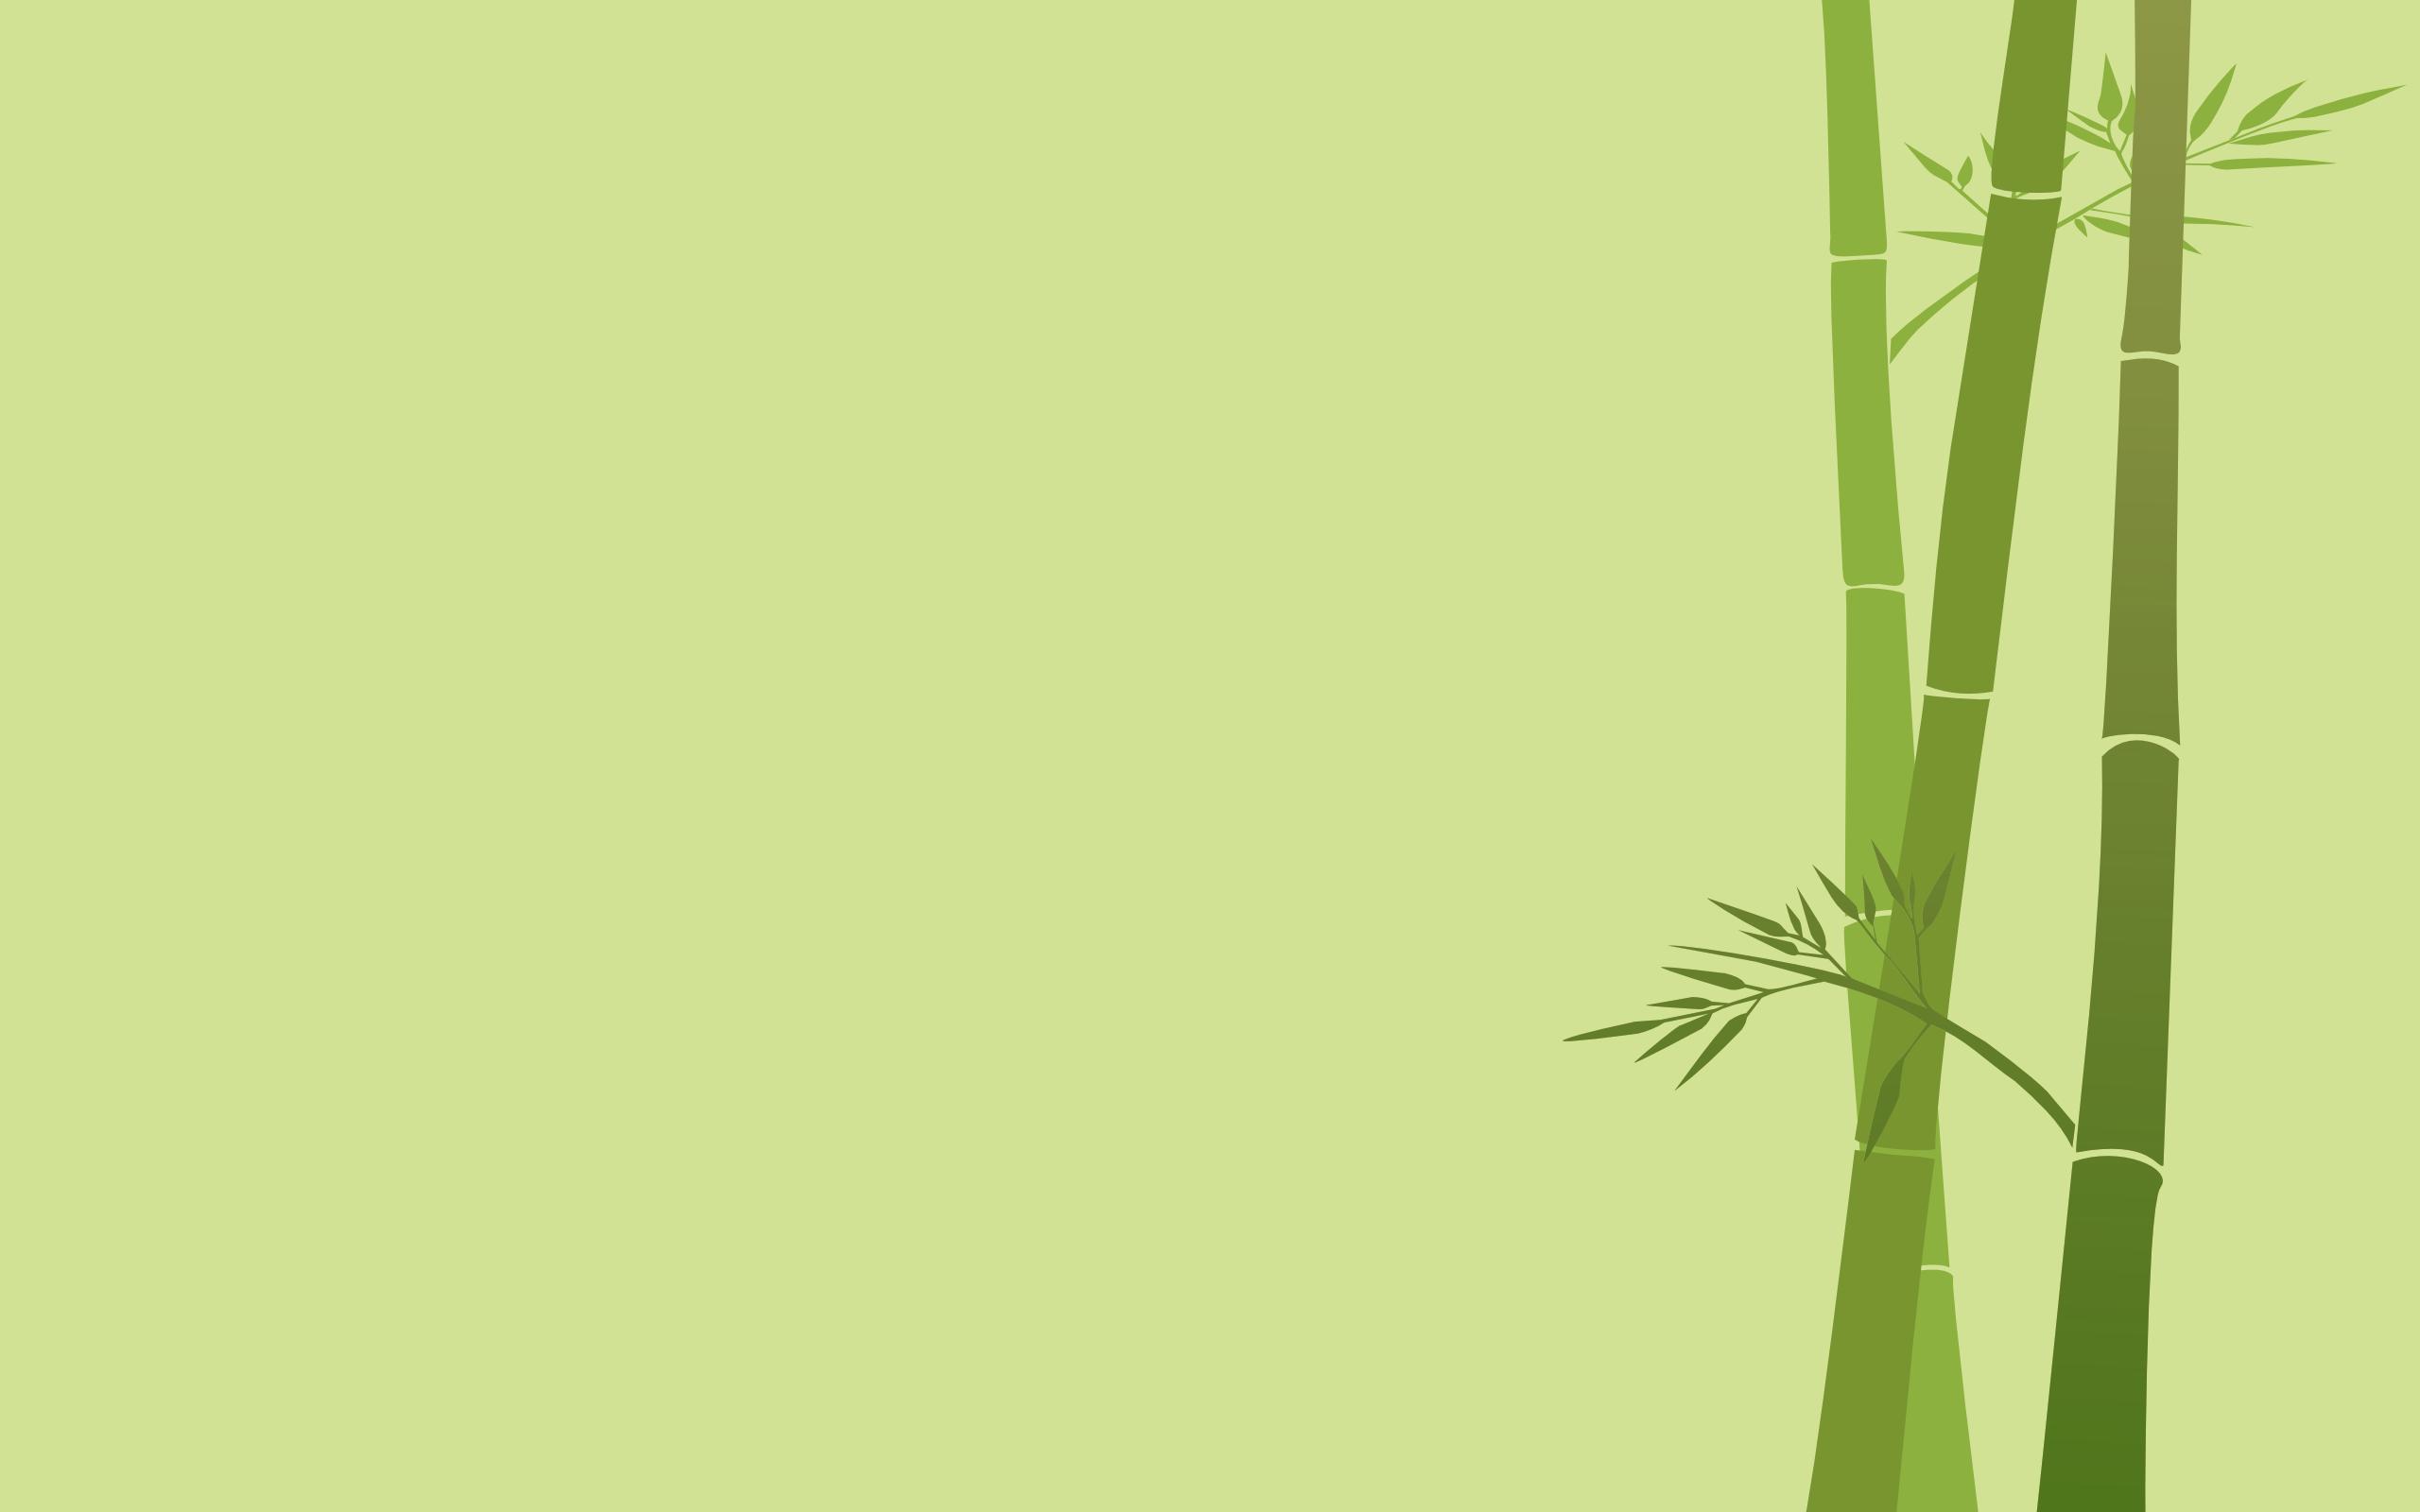 wallpaper bamboo artwork simple